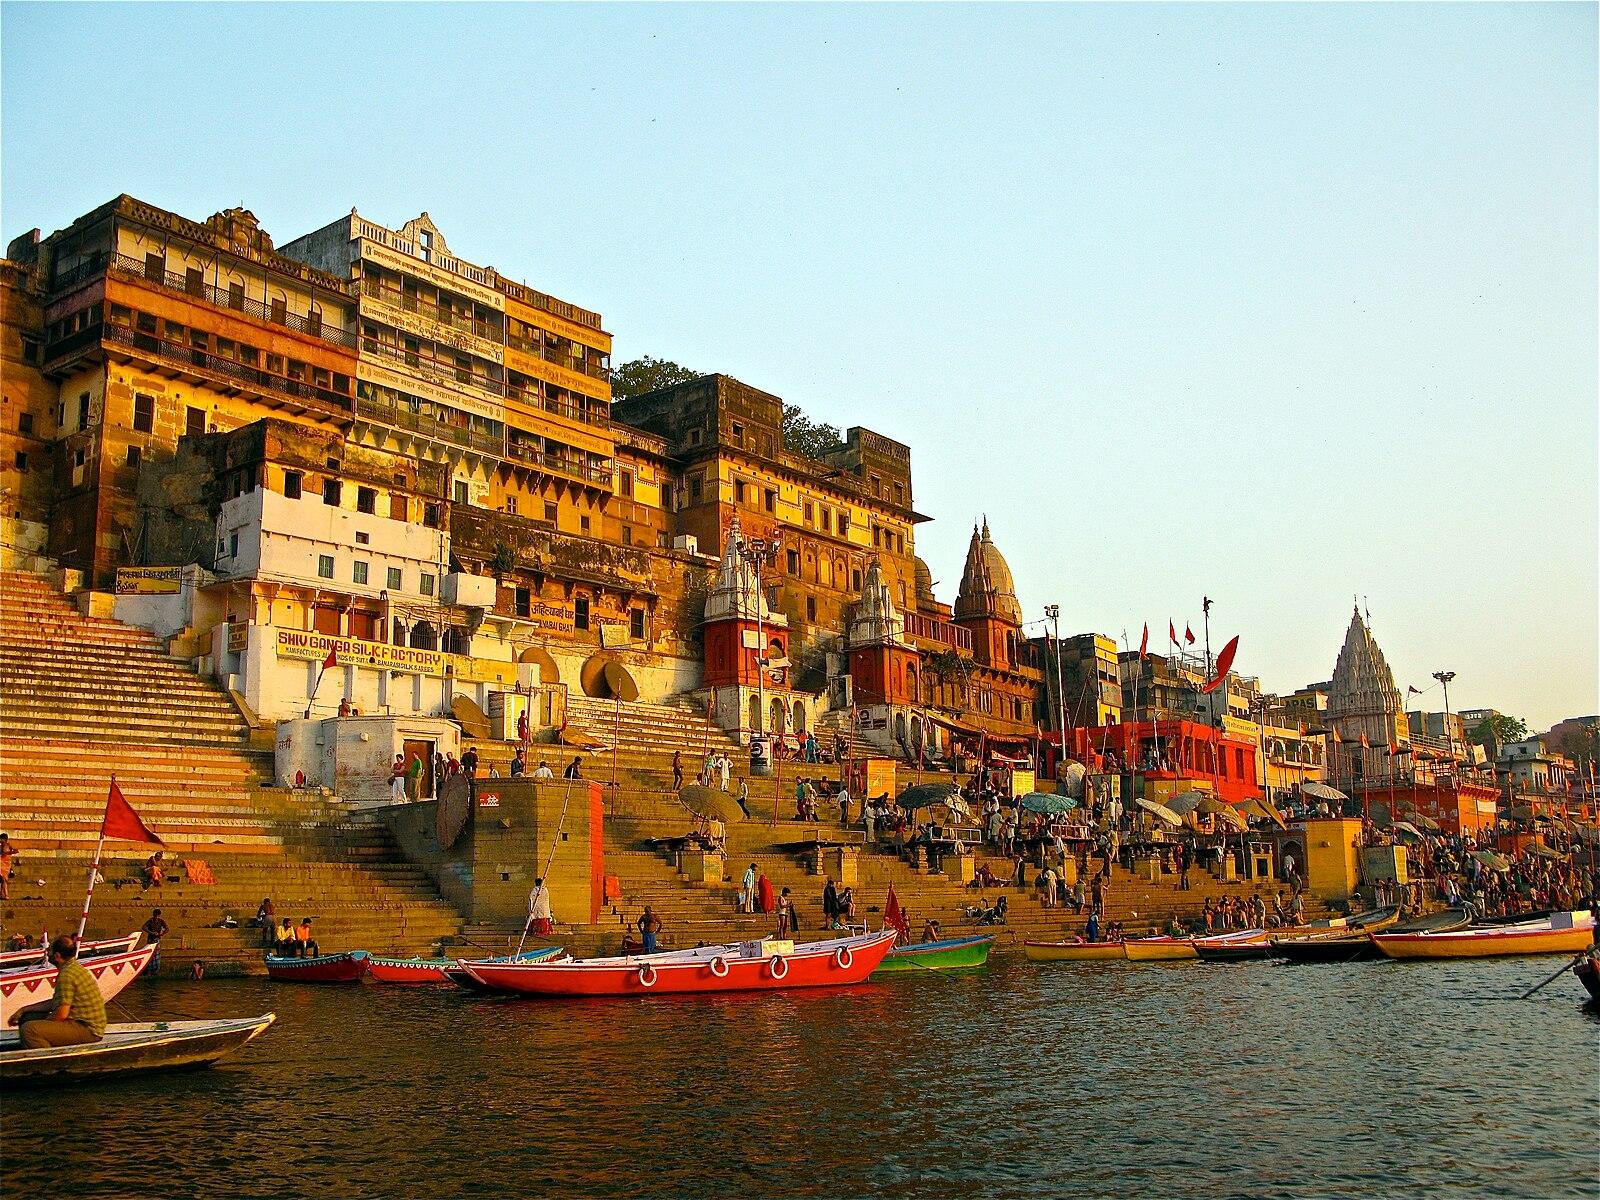 Ahilya Ghat by the Ganges, Varanasi